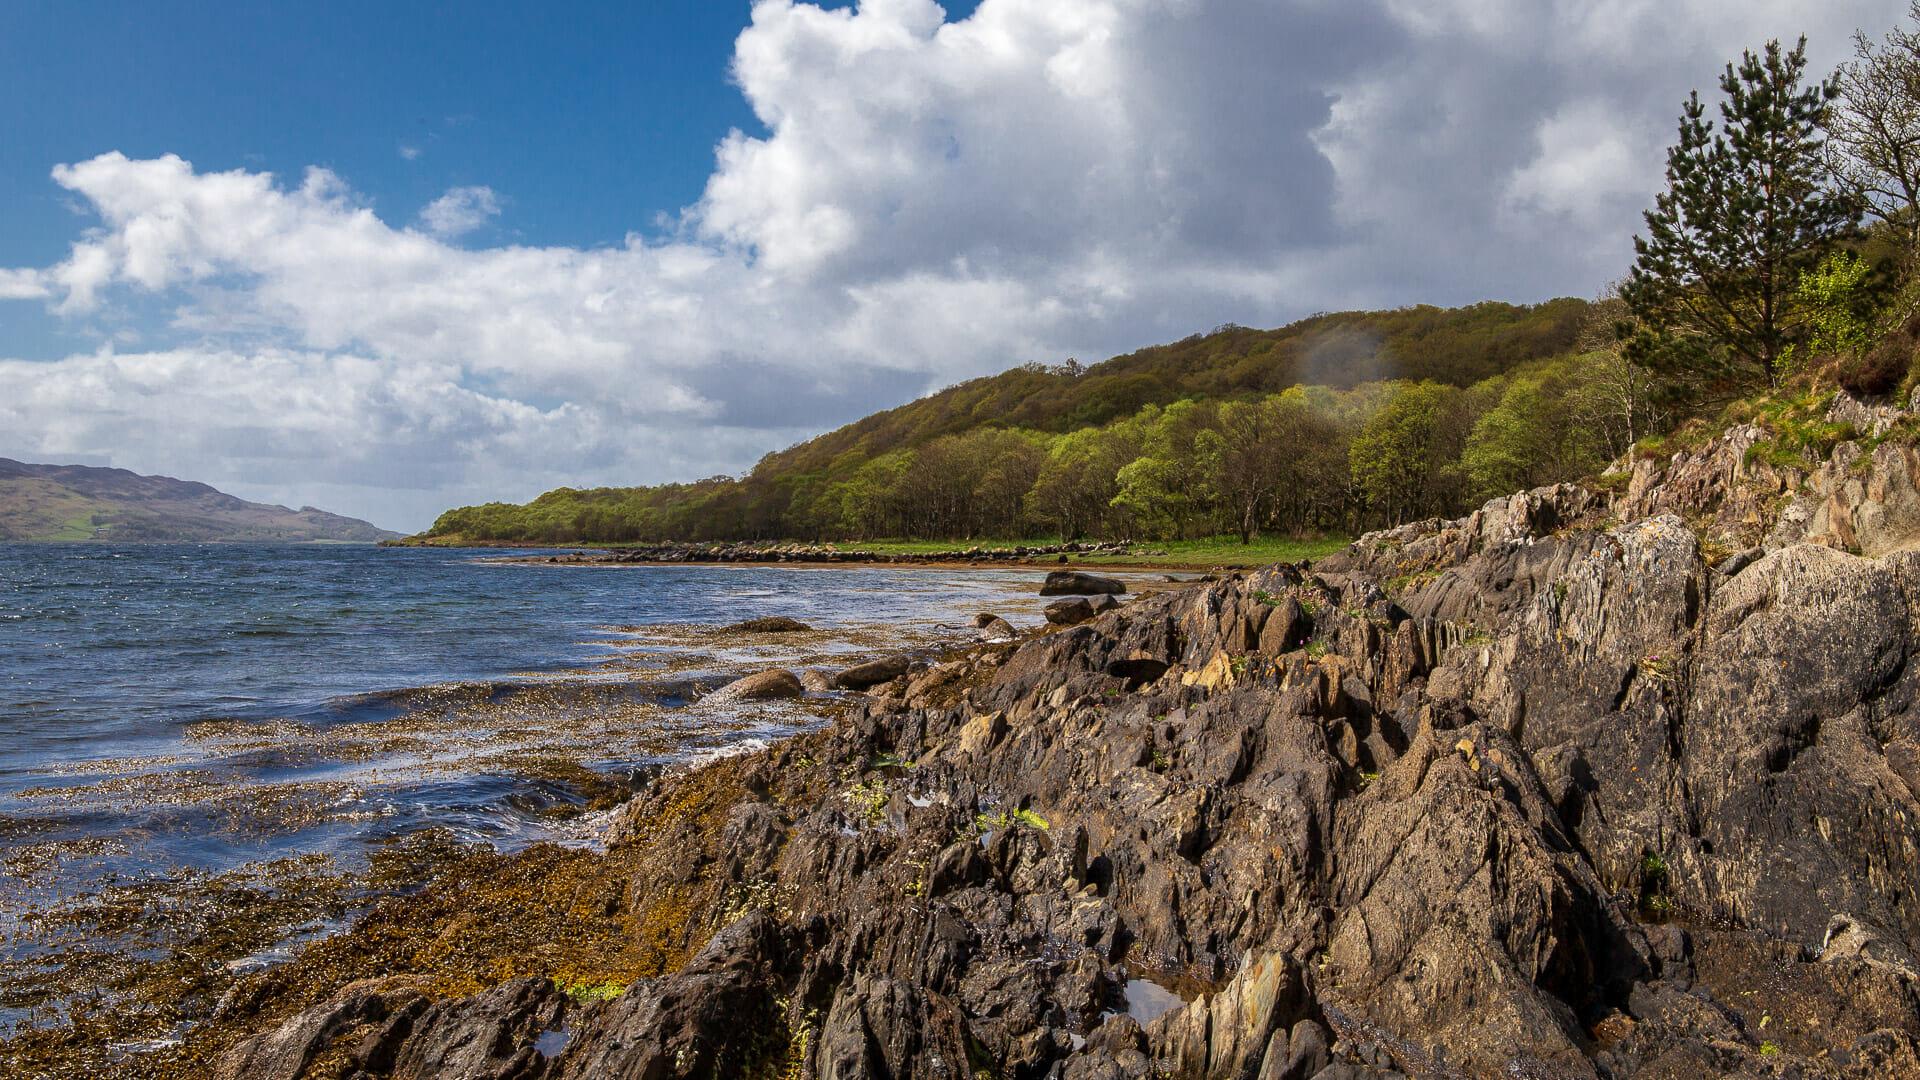 Am Strand von Loch Sween